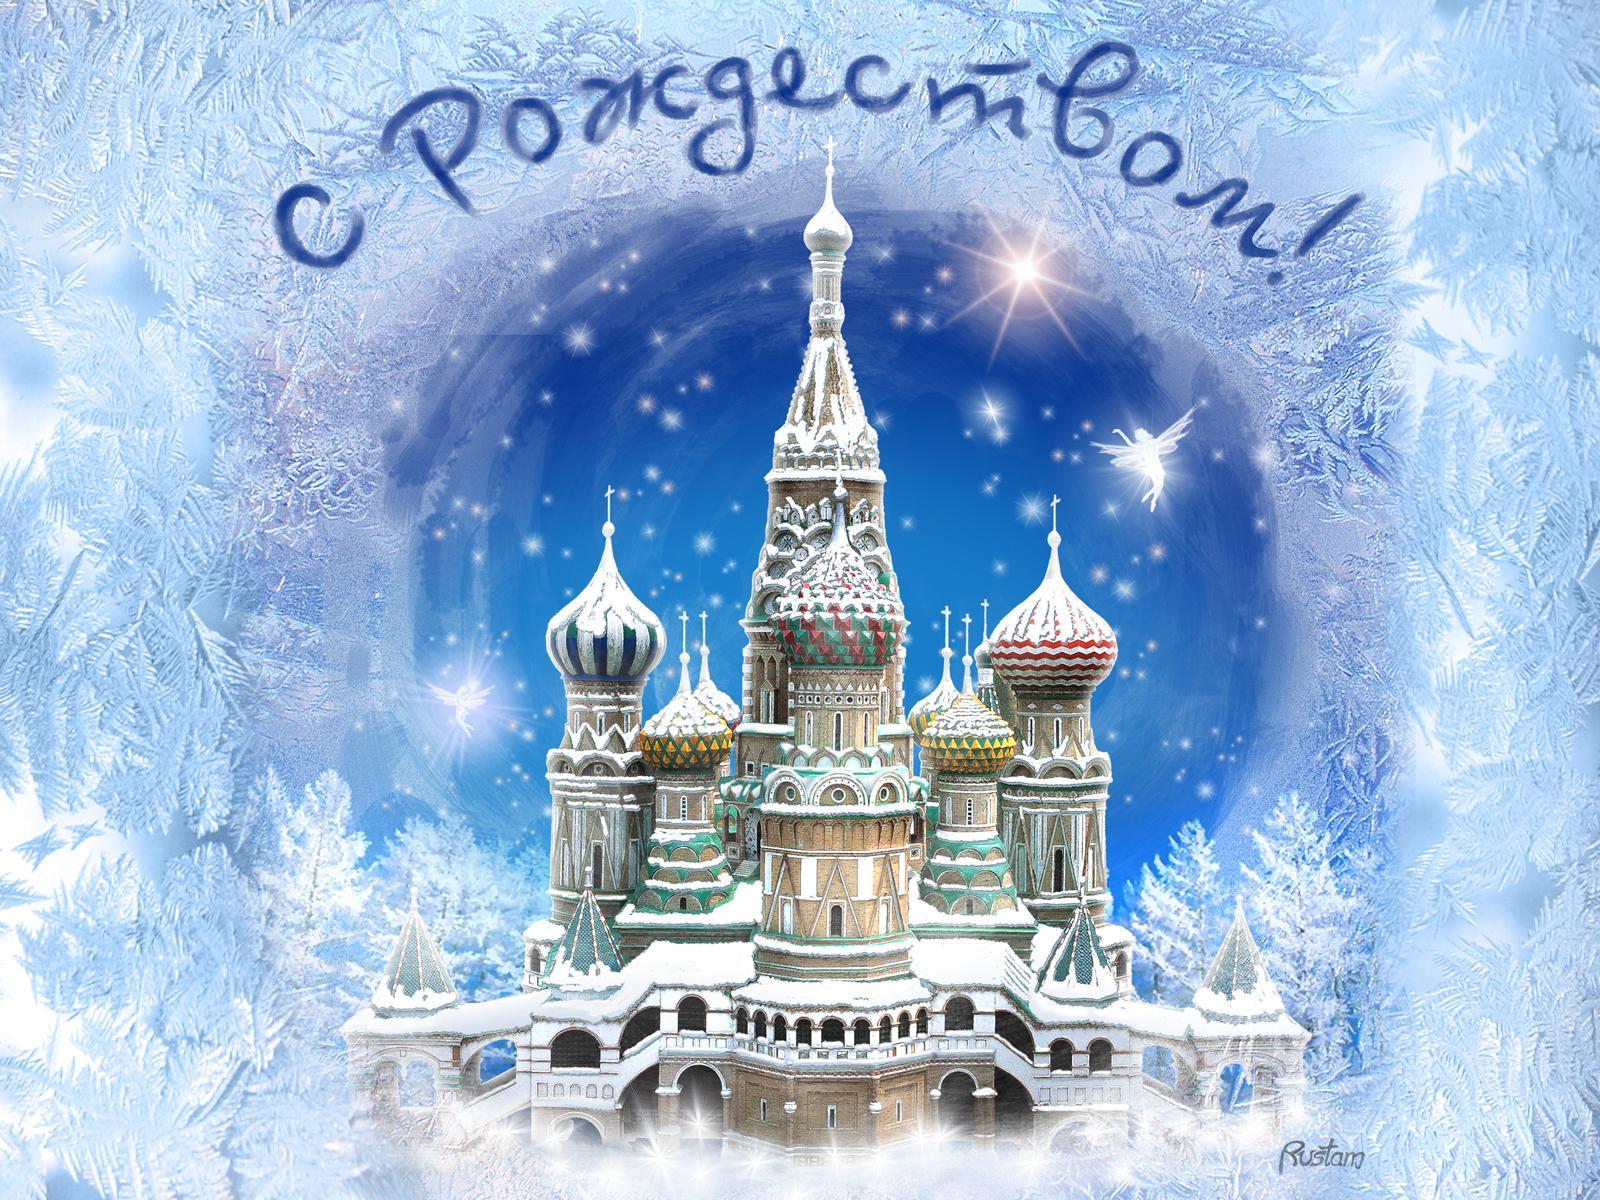 Всех с рождеством христовым!. - Изображение 1